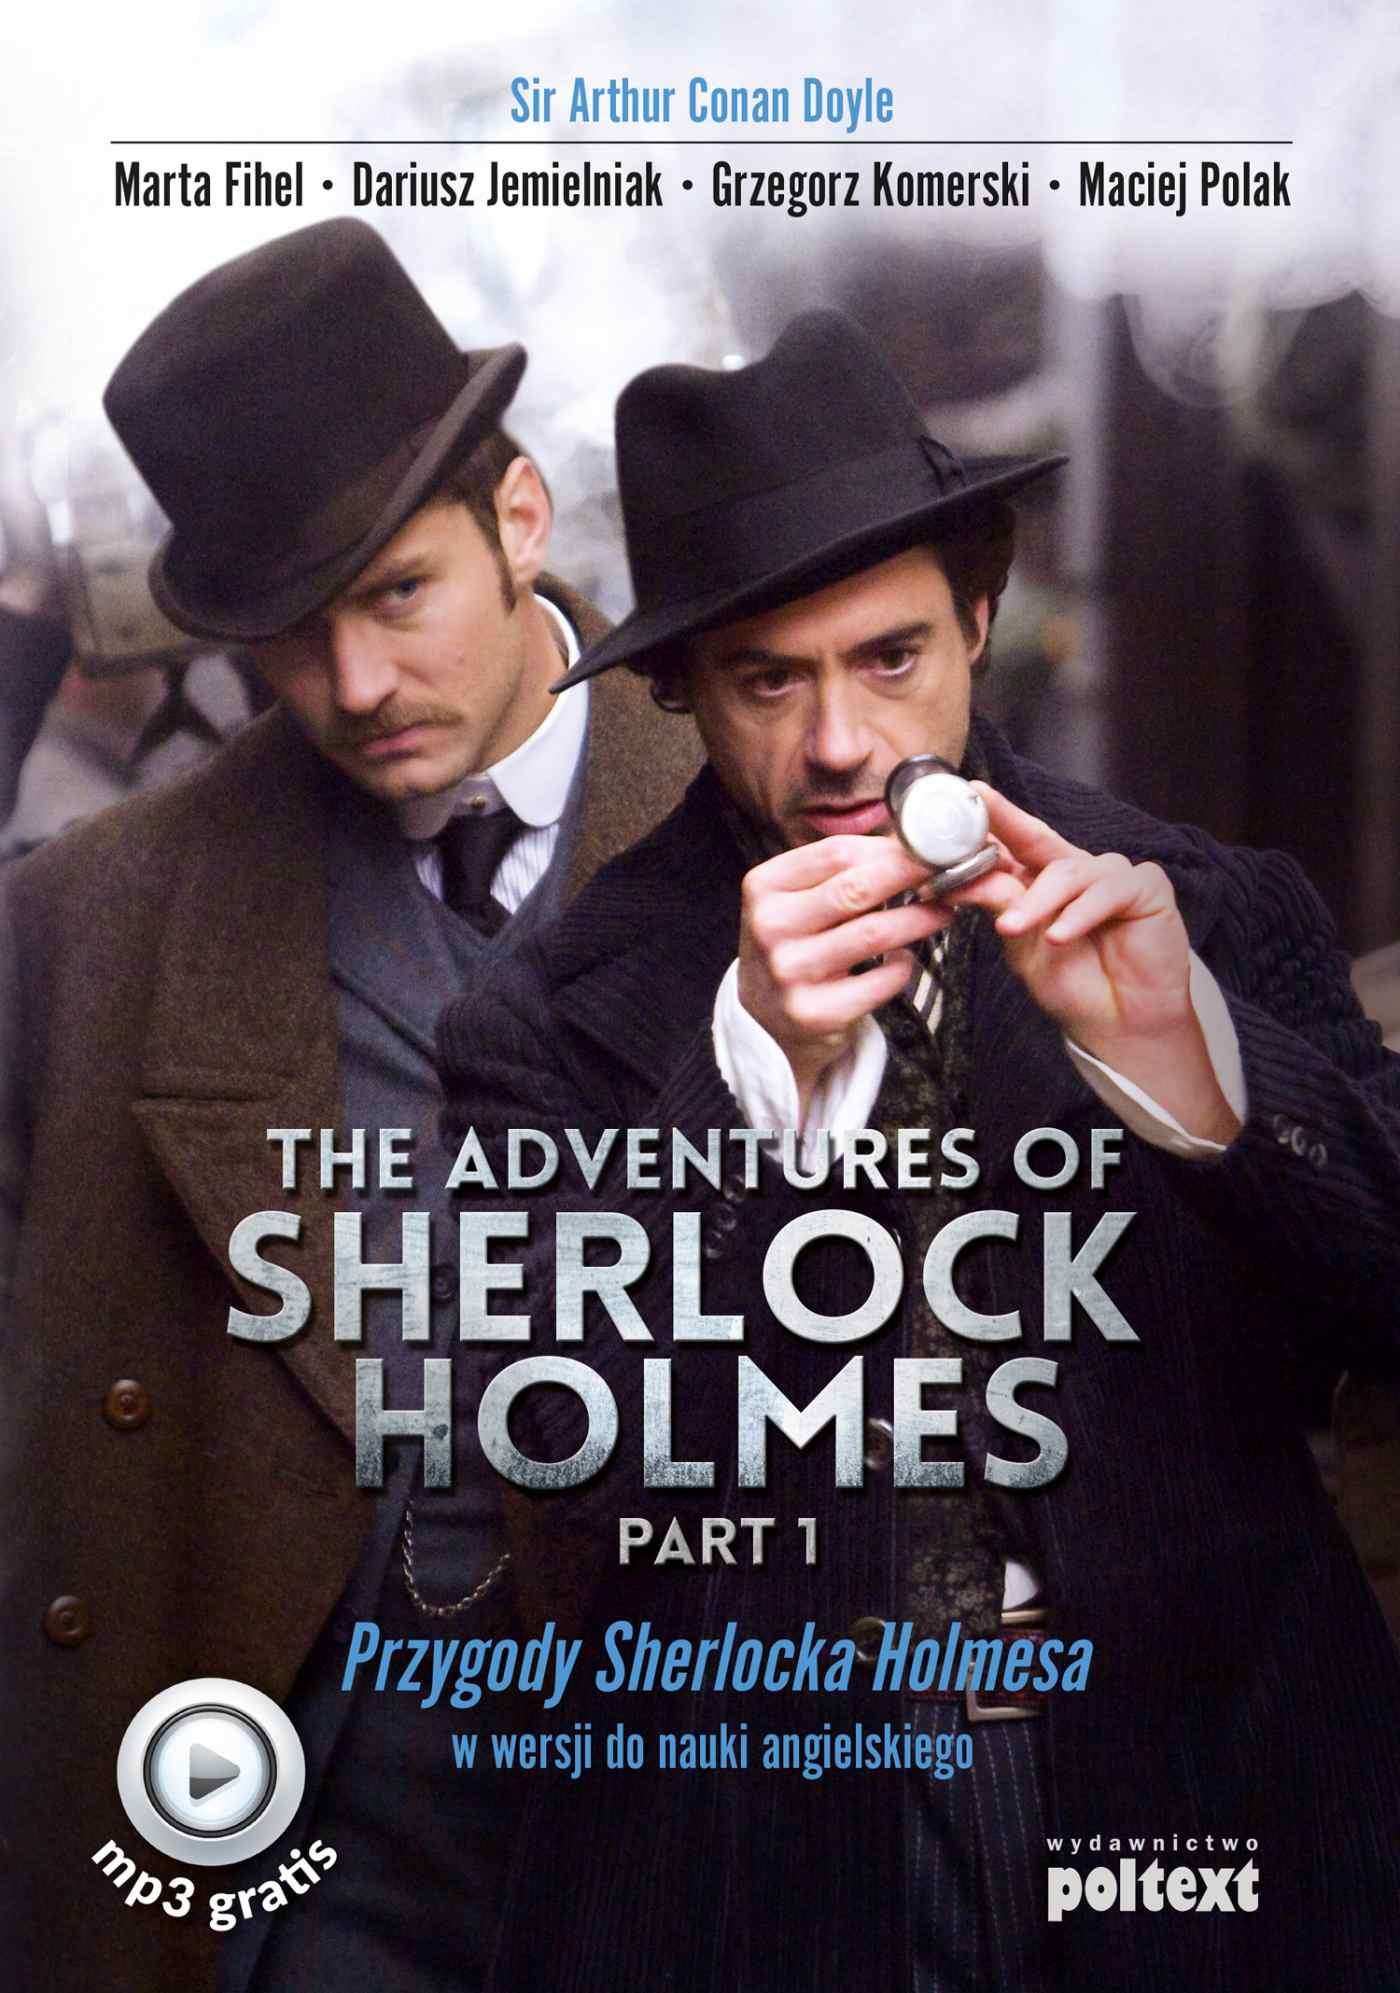 The Adventures of Sherlock Holmes (part I). Przygody Sherlocka Holmesa w wersji do nauki angielskiego - Ebook (Książka EPUB) do pobrania w formacie EPUB